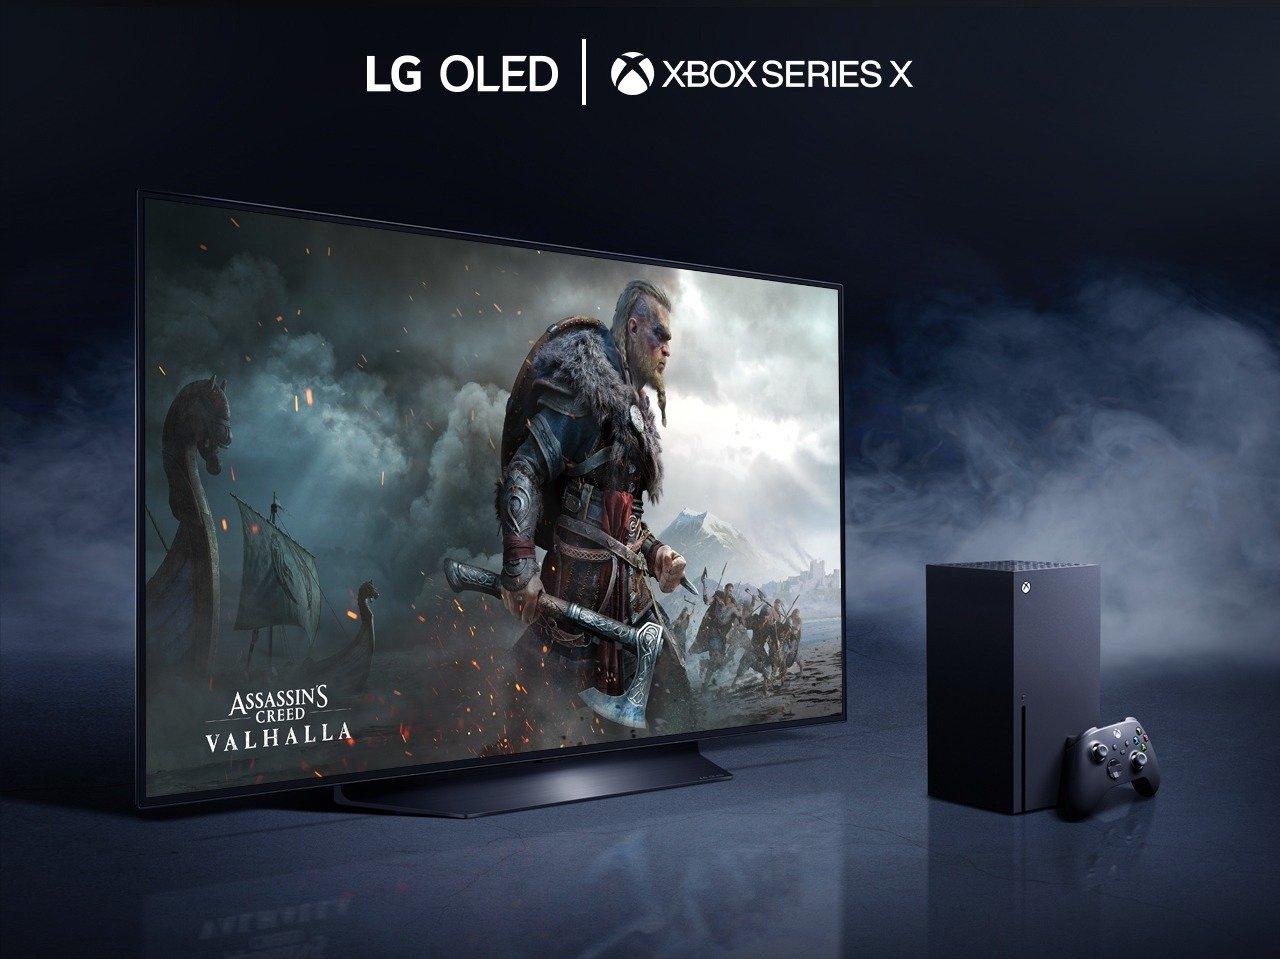 Telewizor LG OLED i konsola Xbox Series X gwarantują najwyższy poziom satysfakcji z gier